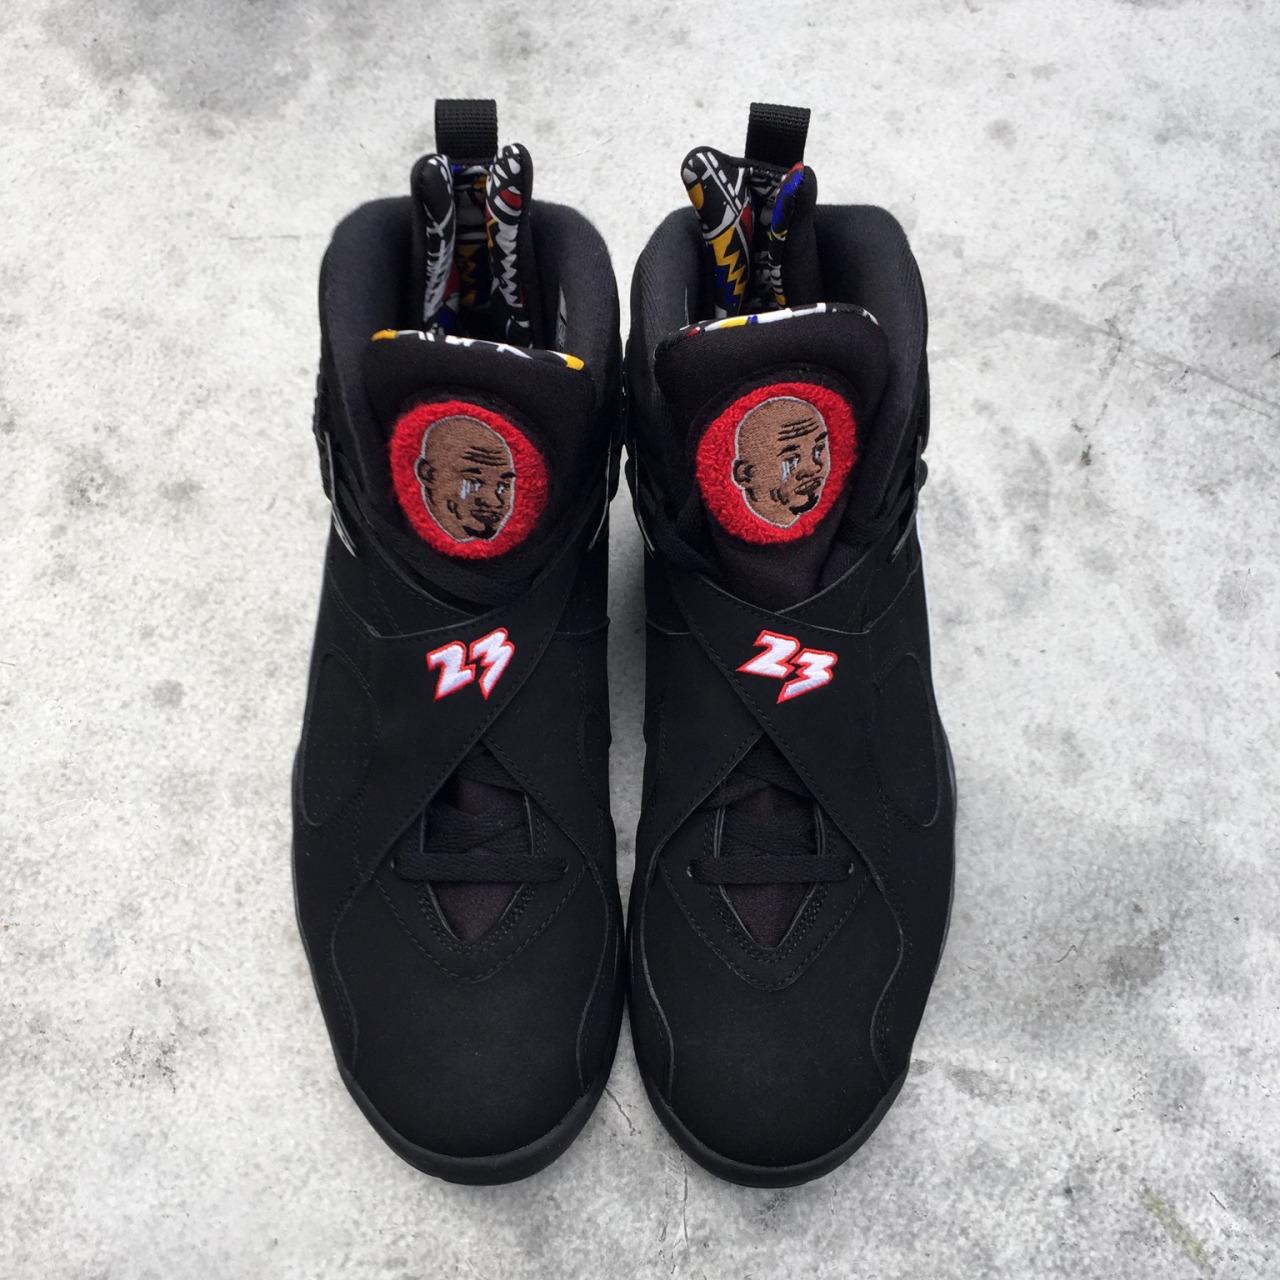 footwear shoe